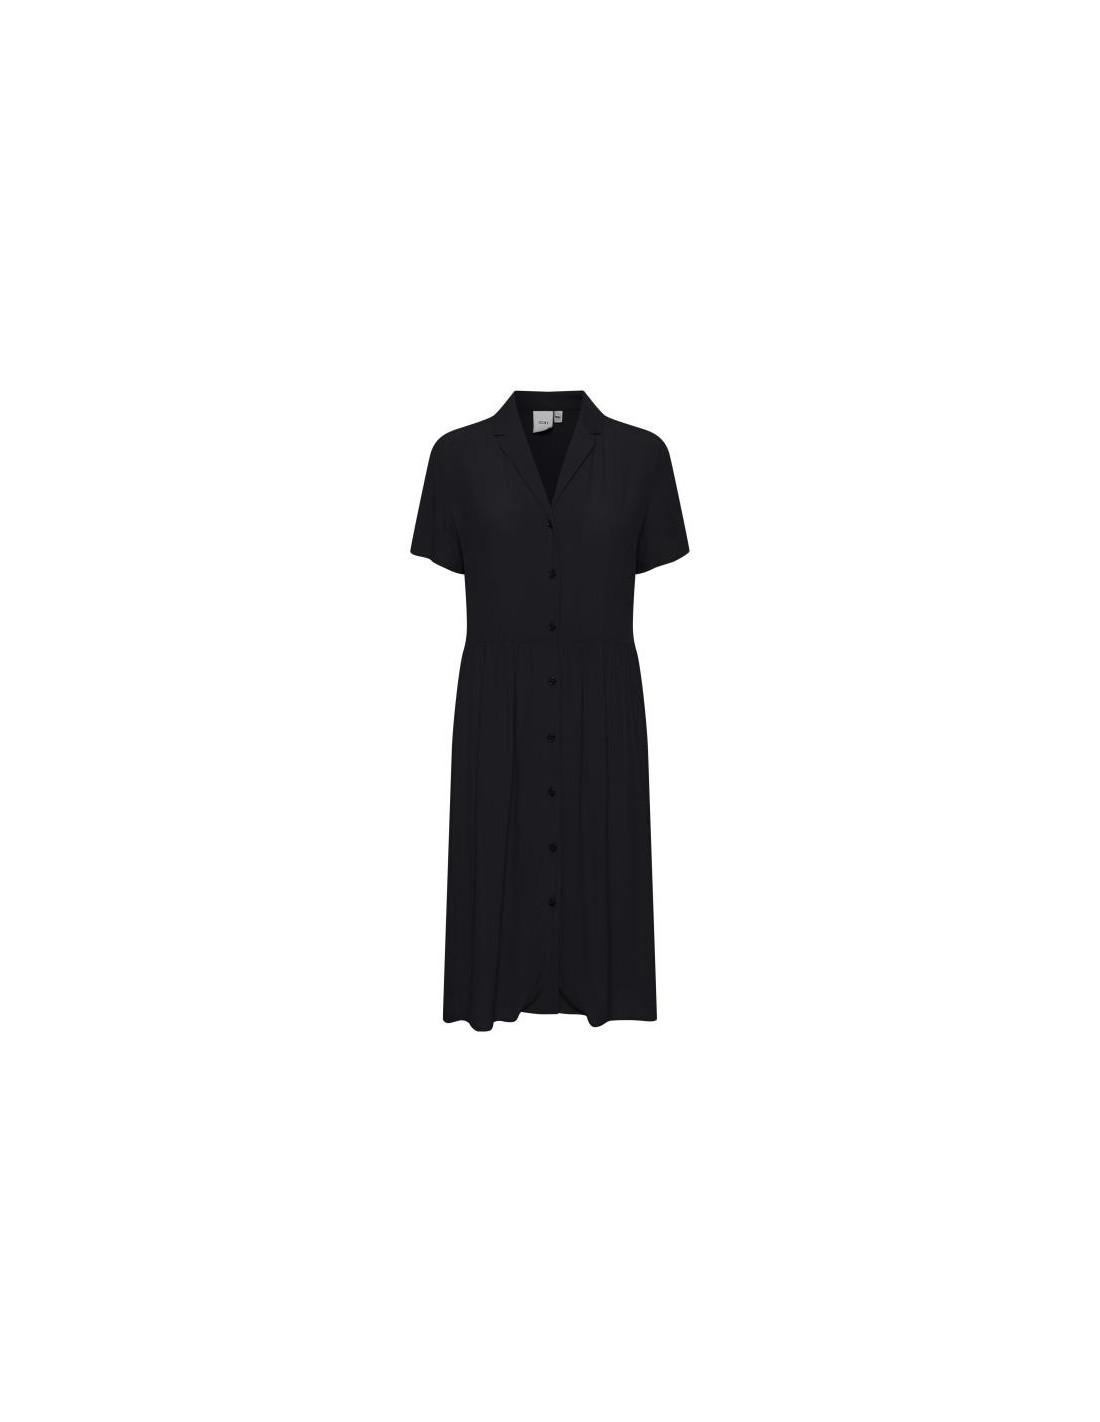 Till dam från ICHI, en svart klänning.